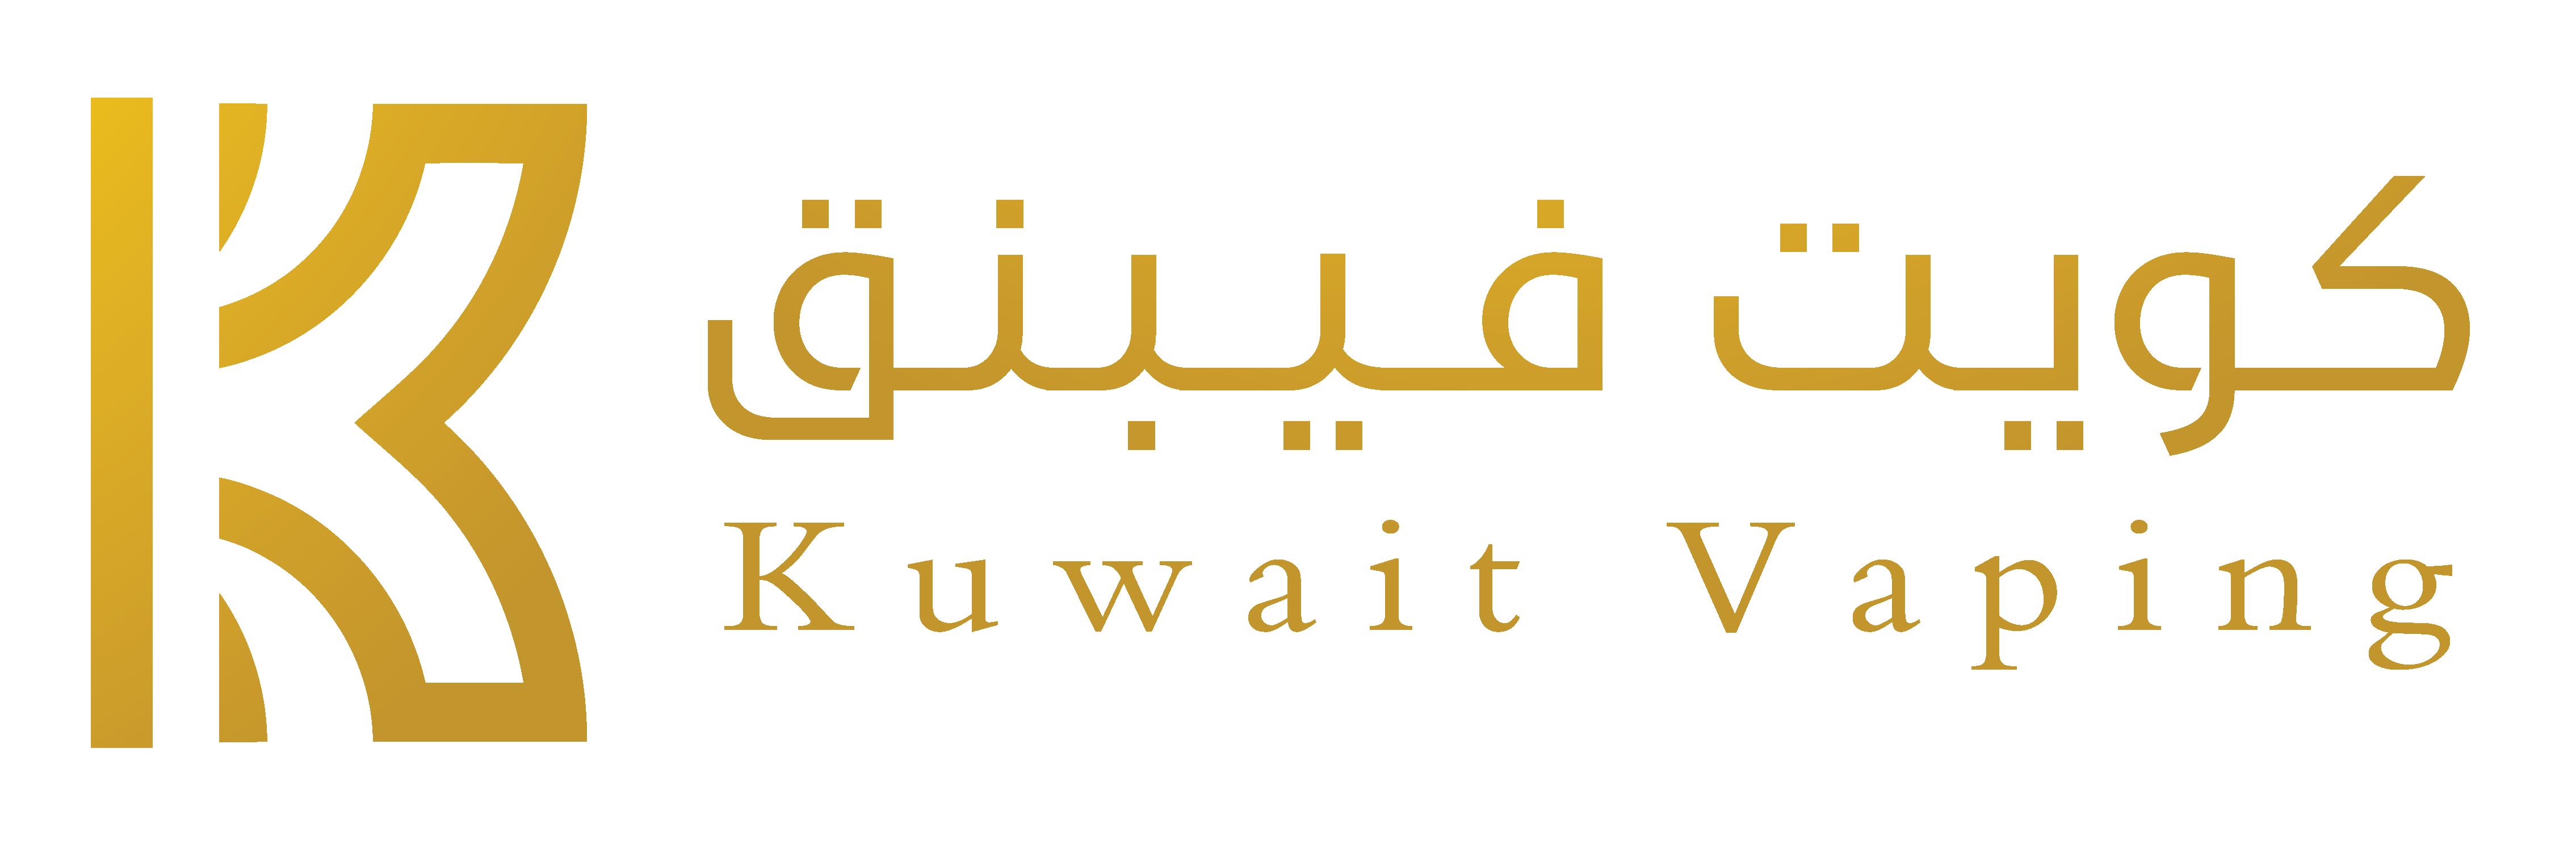 Kuwait Vaping